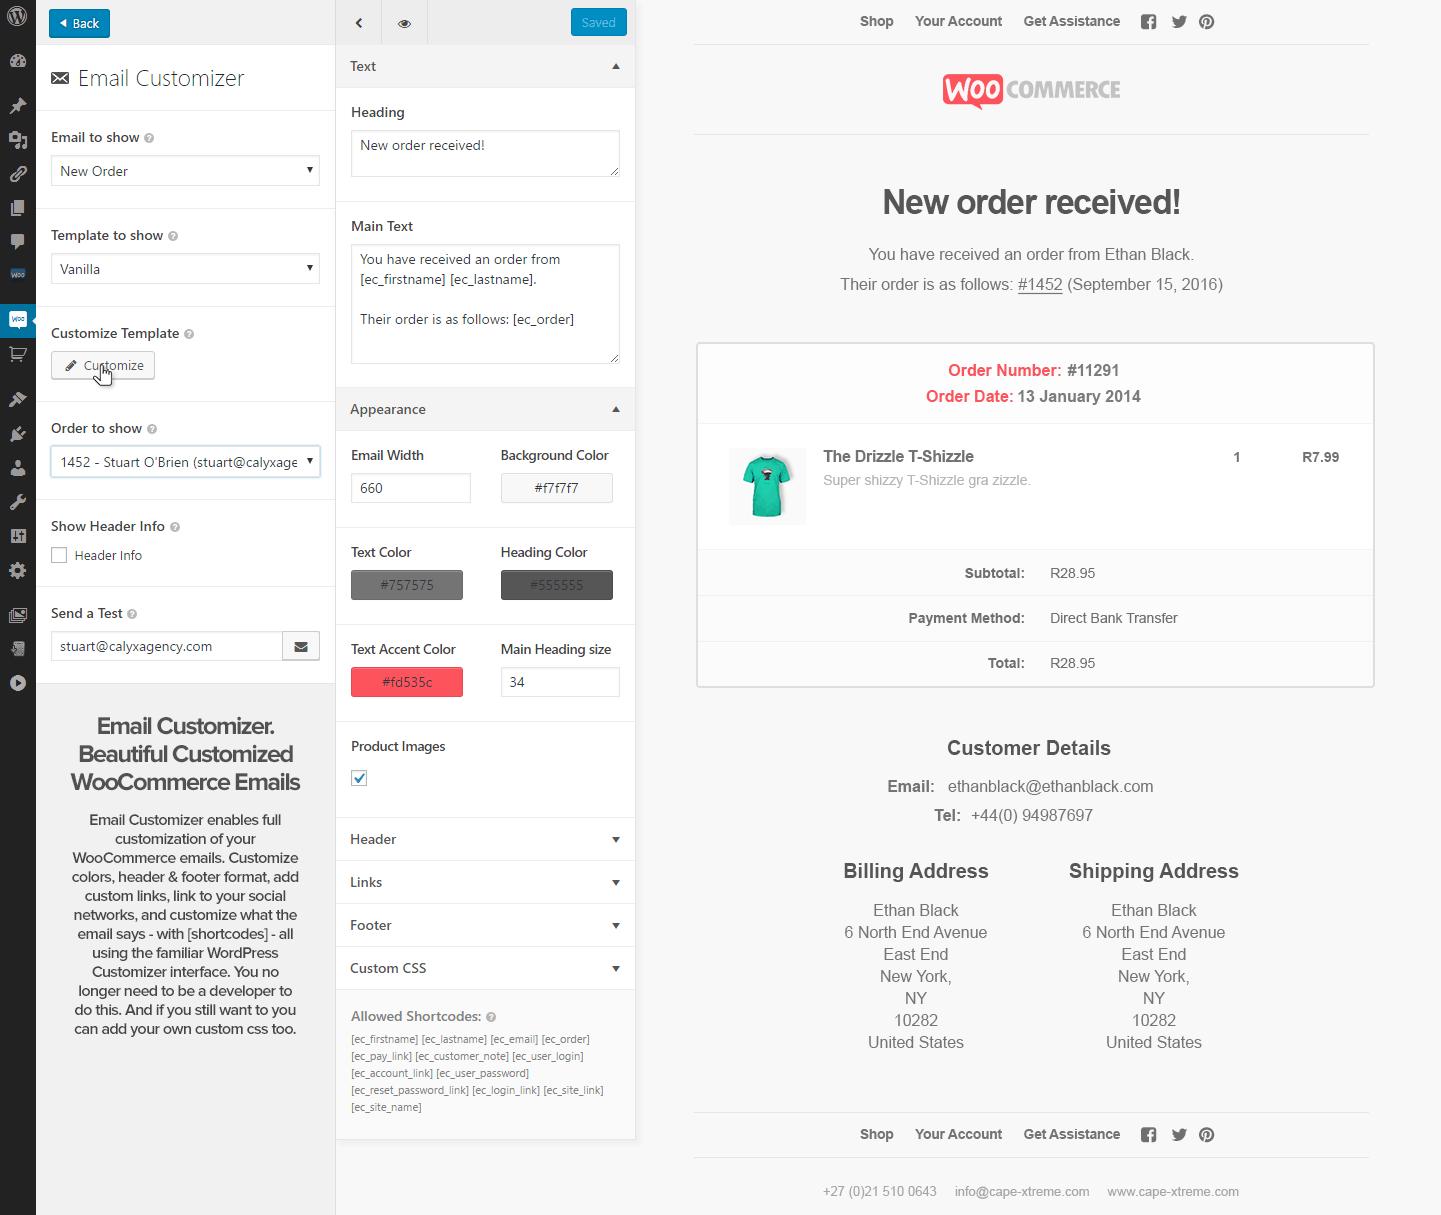 WooCommerce email плагины: простой и эффективный email-маркетинг 6